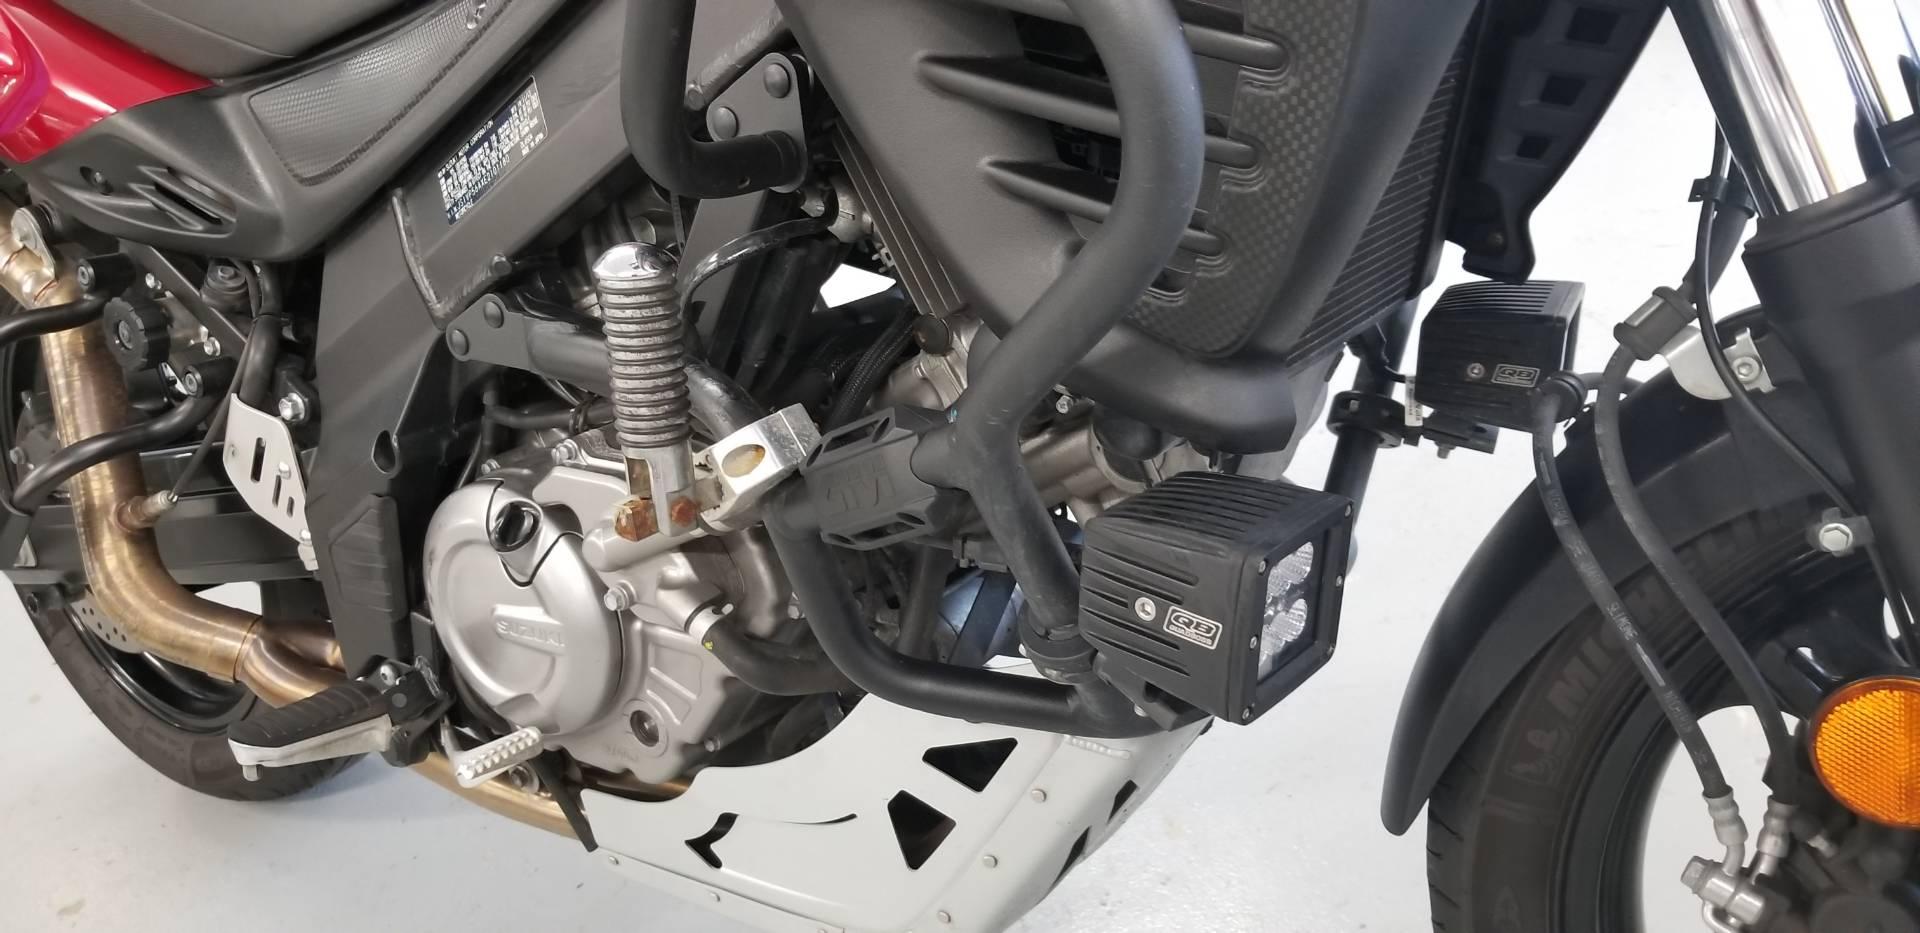 2014 Suzuki V-Strom 650 ABS 10